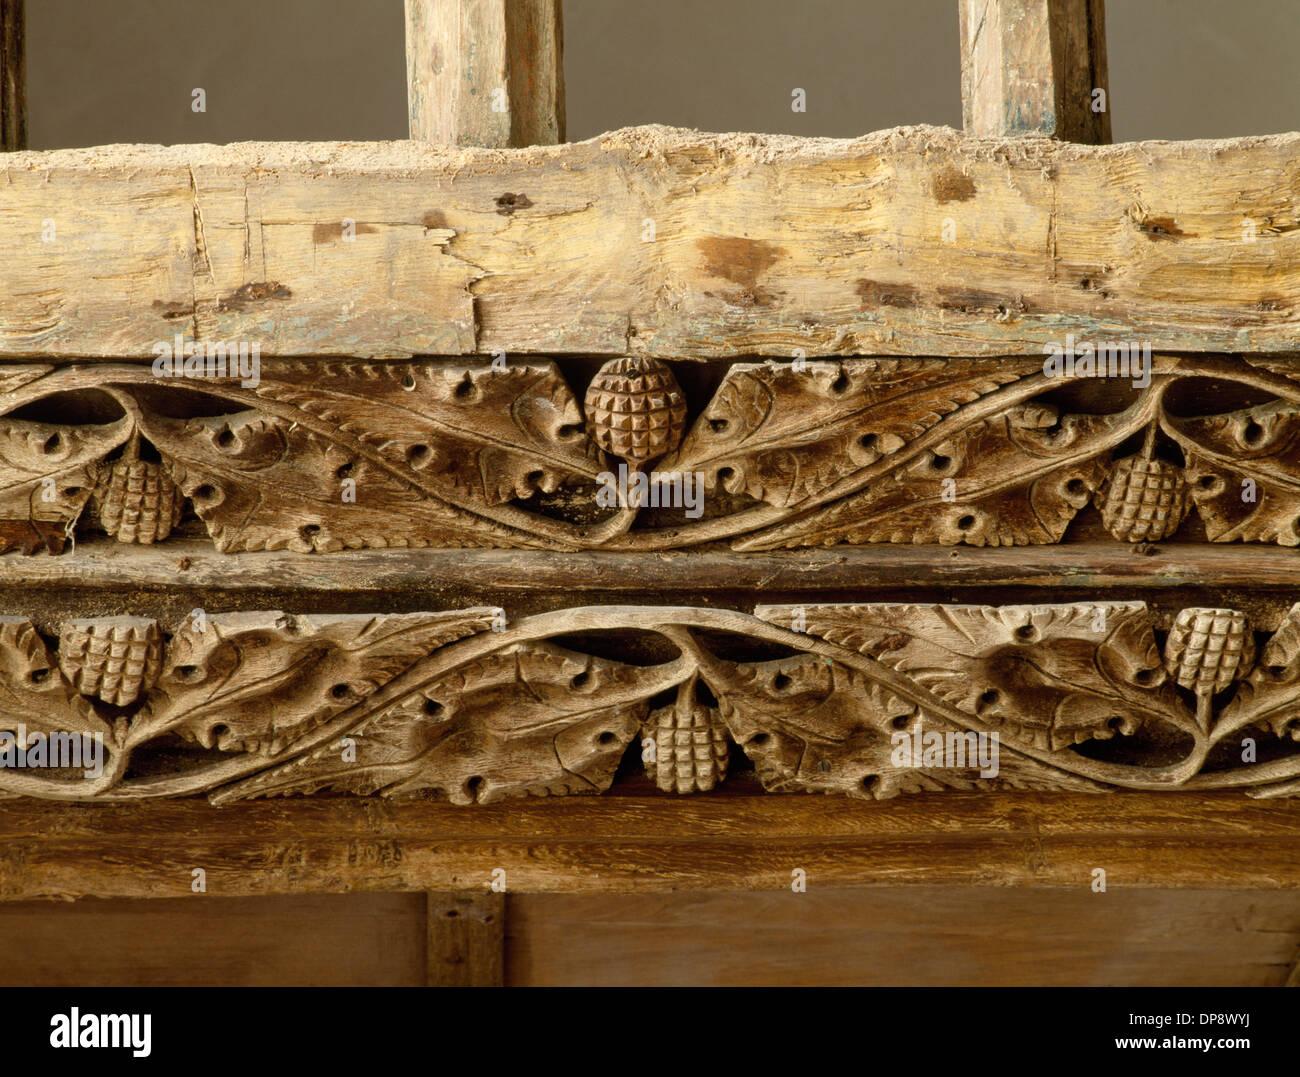 Detail der gepiercte Rebe scrollt auf Eiche Balken zwischen den Rood Loft und Bildschirm (1495) in St Eilian Kirche, Llaneilian, Anglesey. Christliche Symbolik. Stockbild